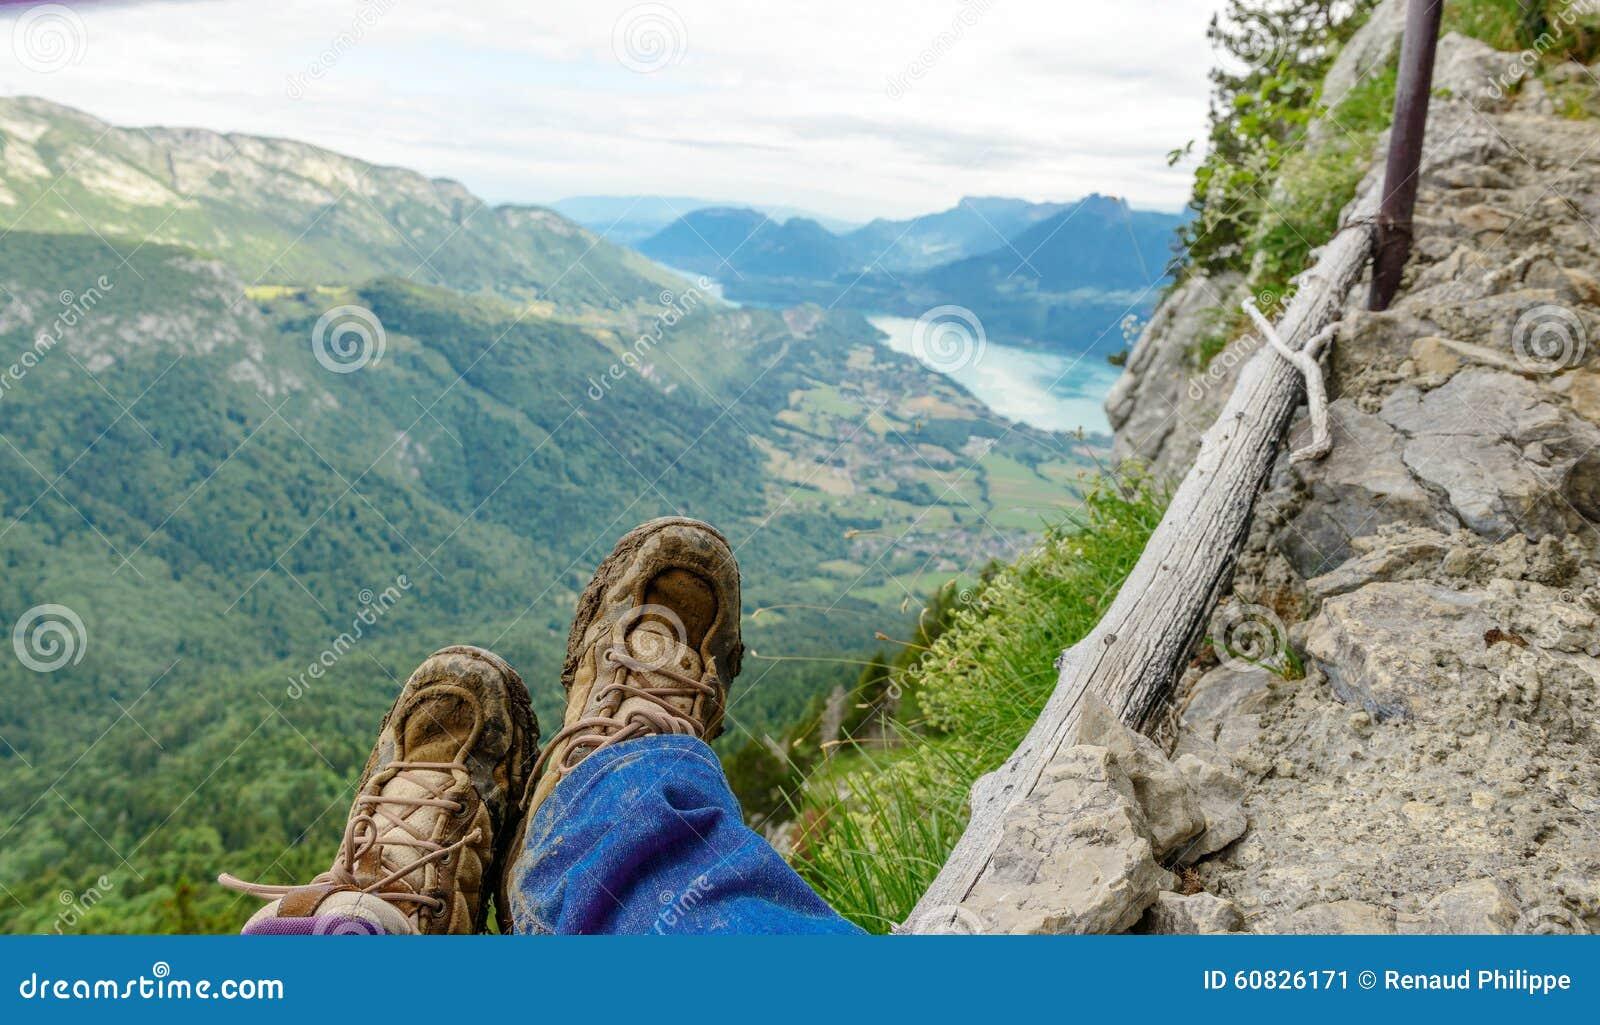 Zapatos del Backpacker en el borde de un rastro, lago en el fondo